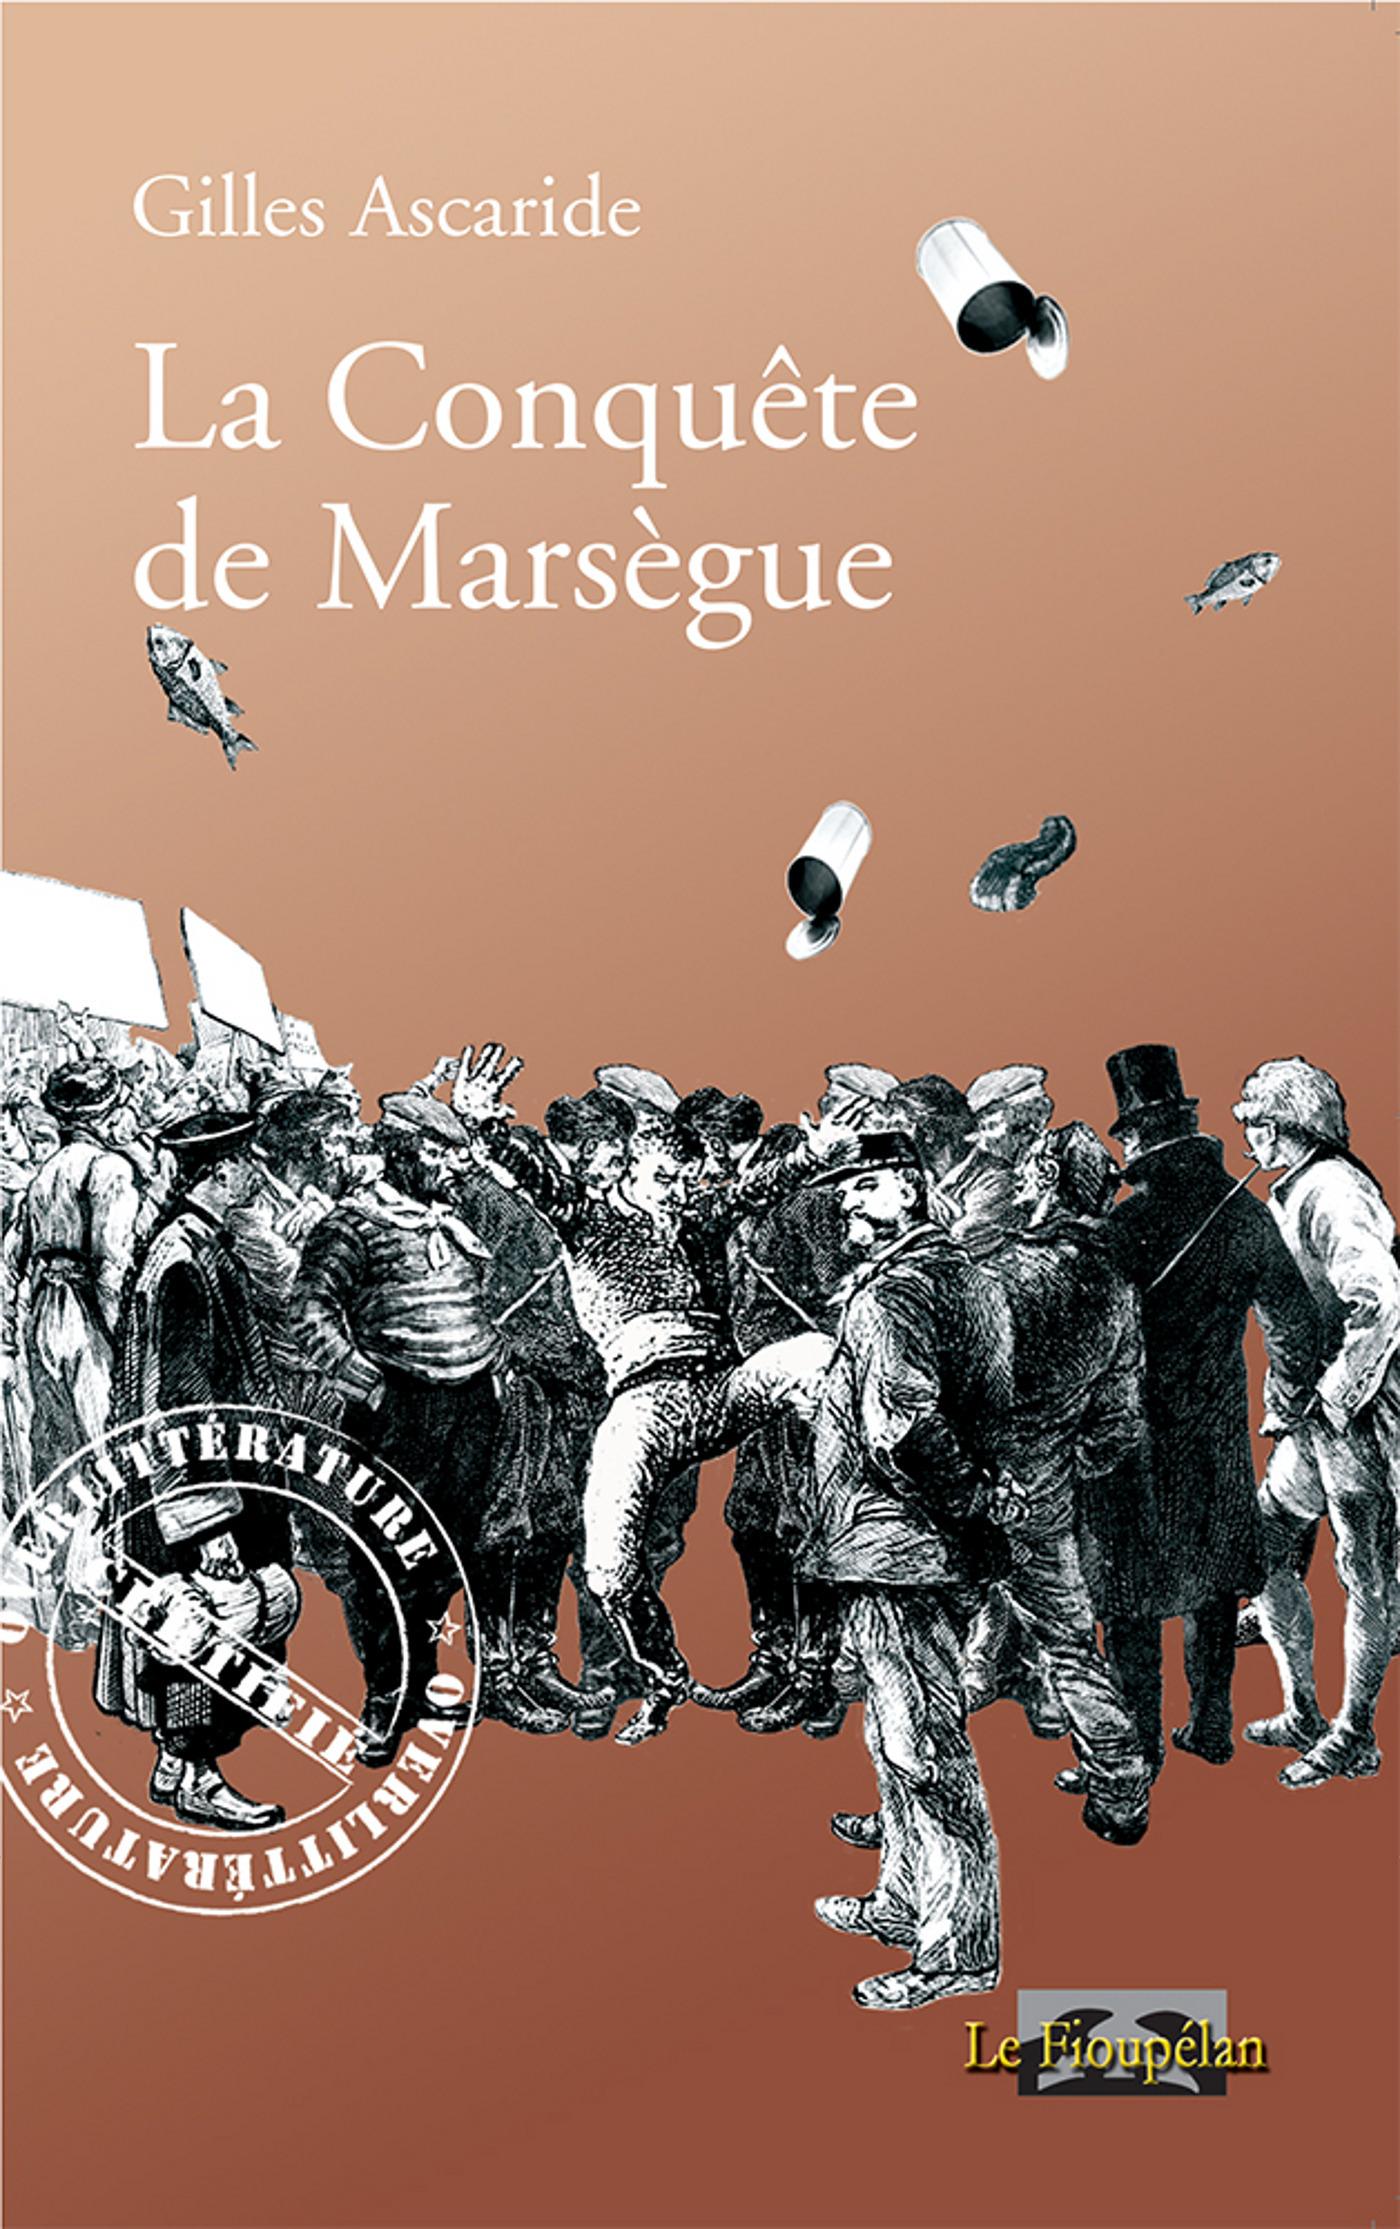 La conquête de Marsègue